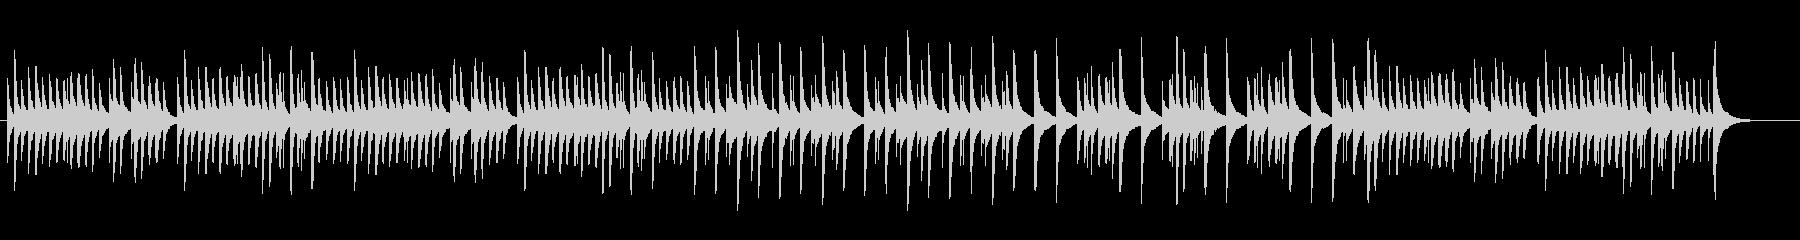 可愛いオルゴール、シシリエンヌの未再生の波形